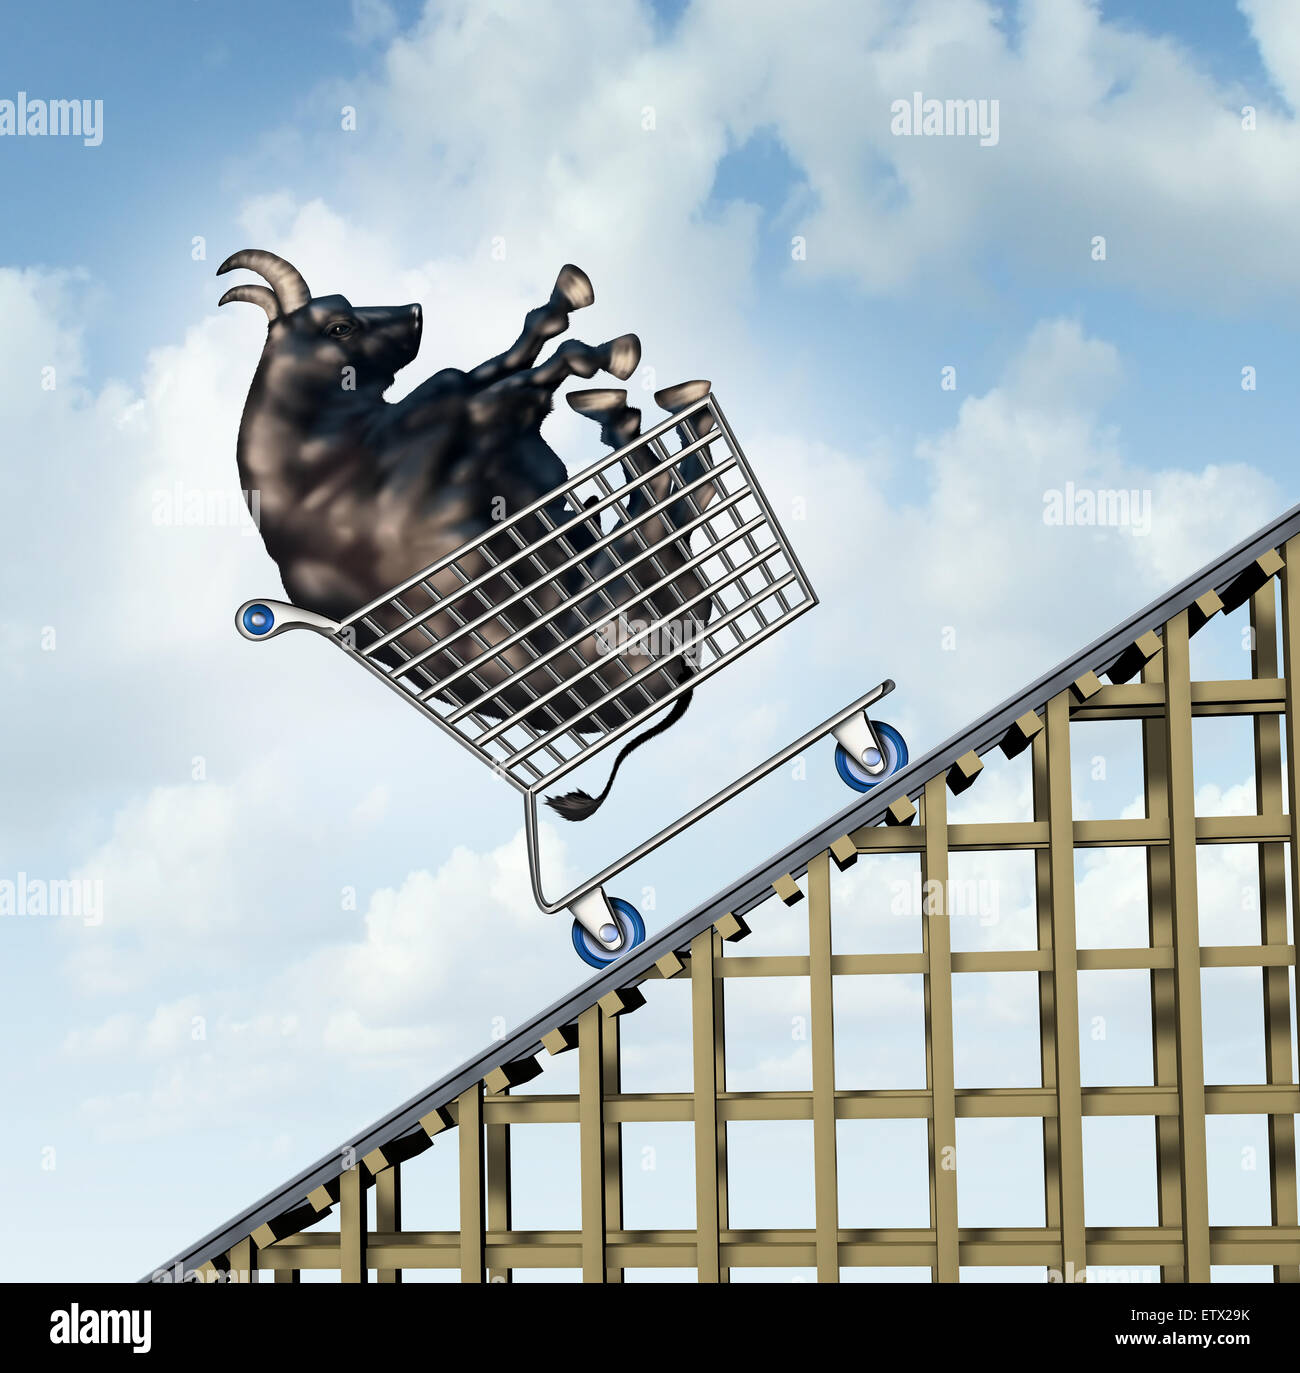 Aktienmarkt steigen finanziellen Erfolgskonzept wie ein Stier in einem Warenkorb hinauf auf eine Achterbahn-Struktur Stockbild